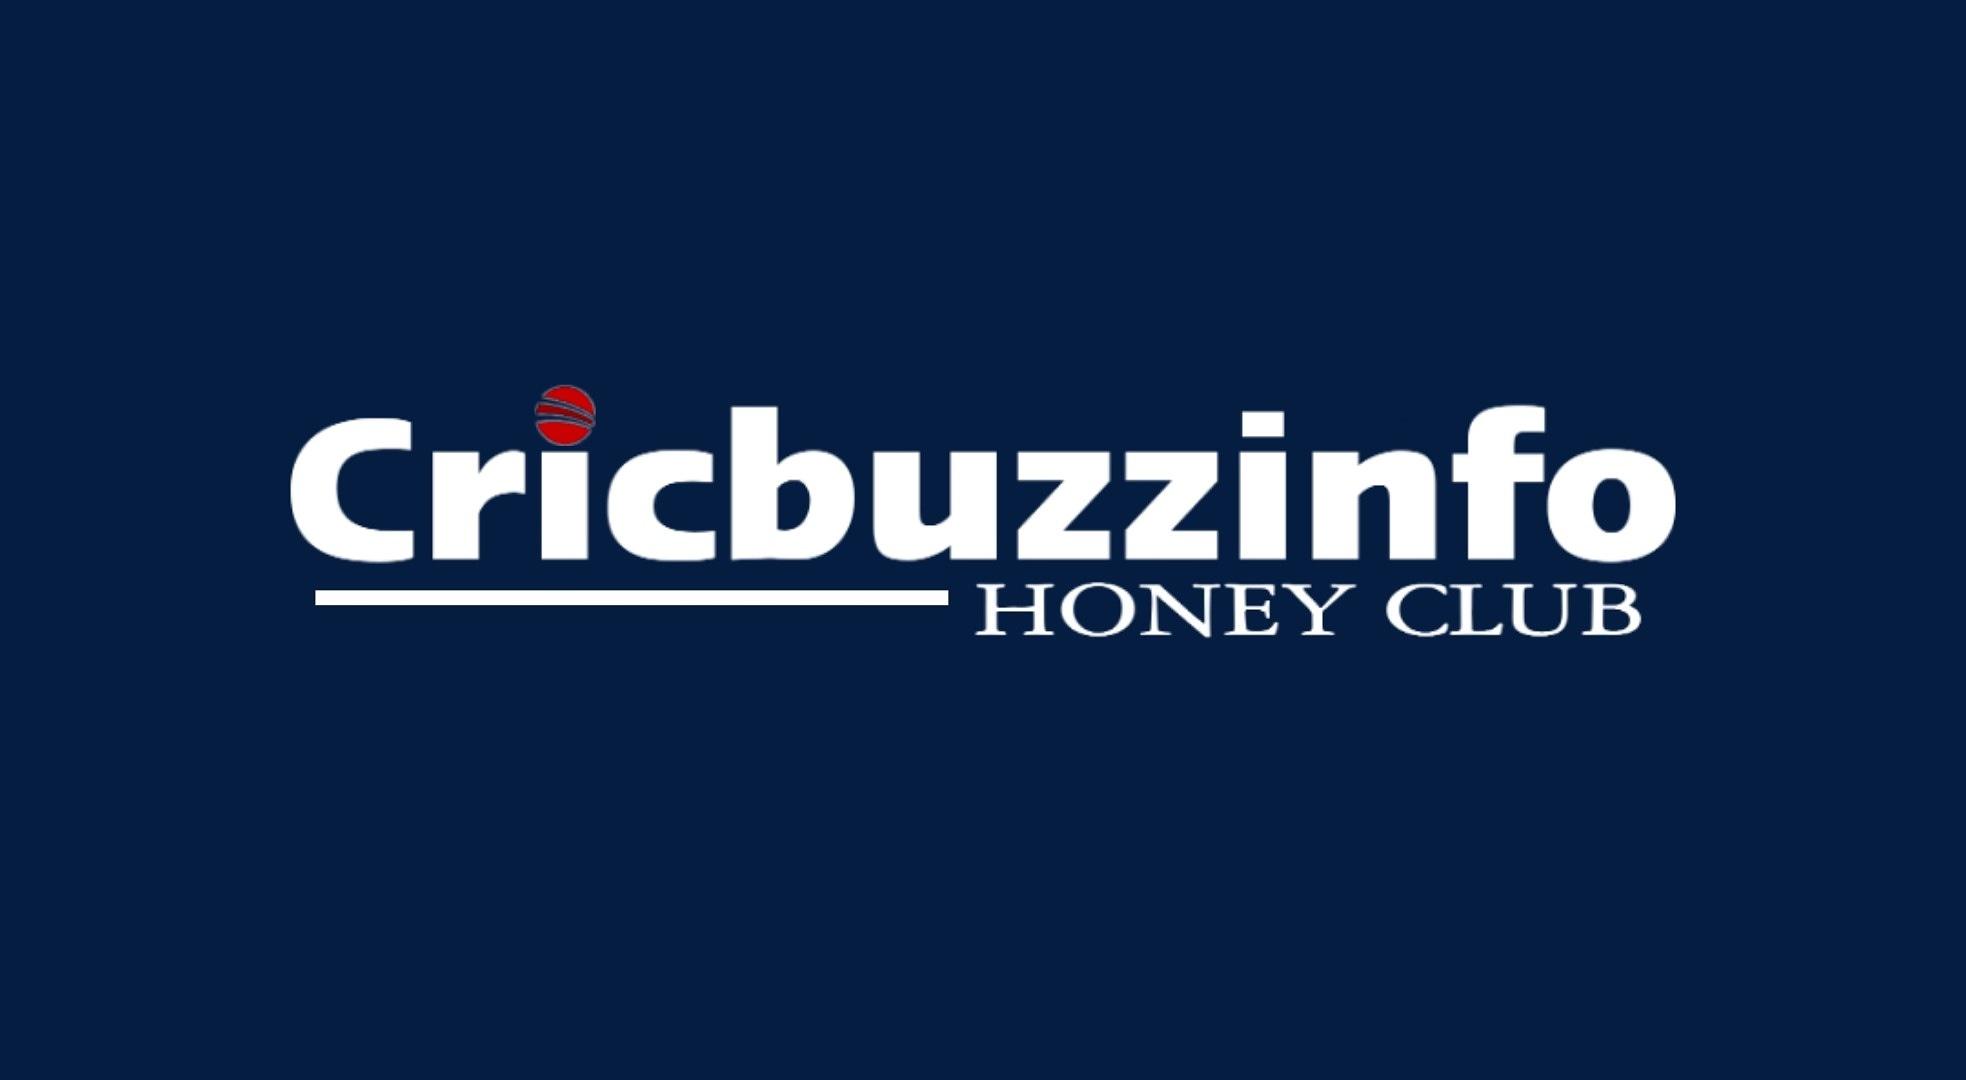 cricbuzzinfo (@cricbuzzinfo) Cover Image